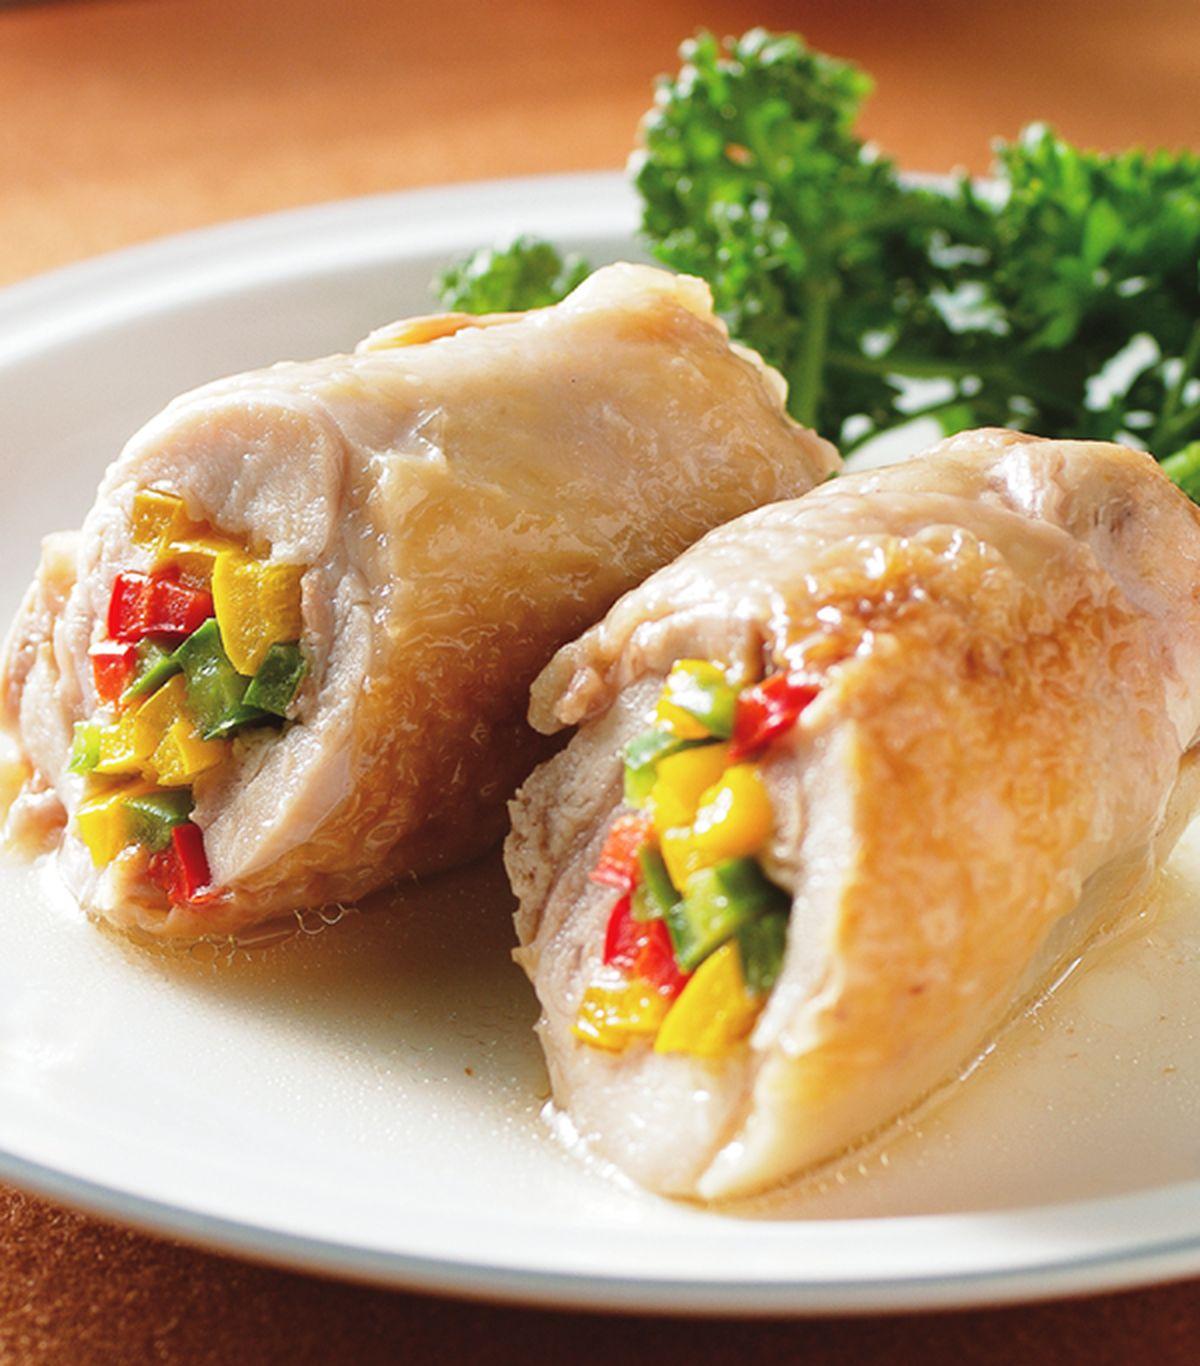 食譜:蔬烤雞腿卷